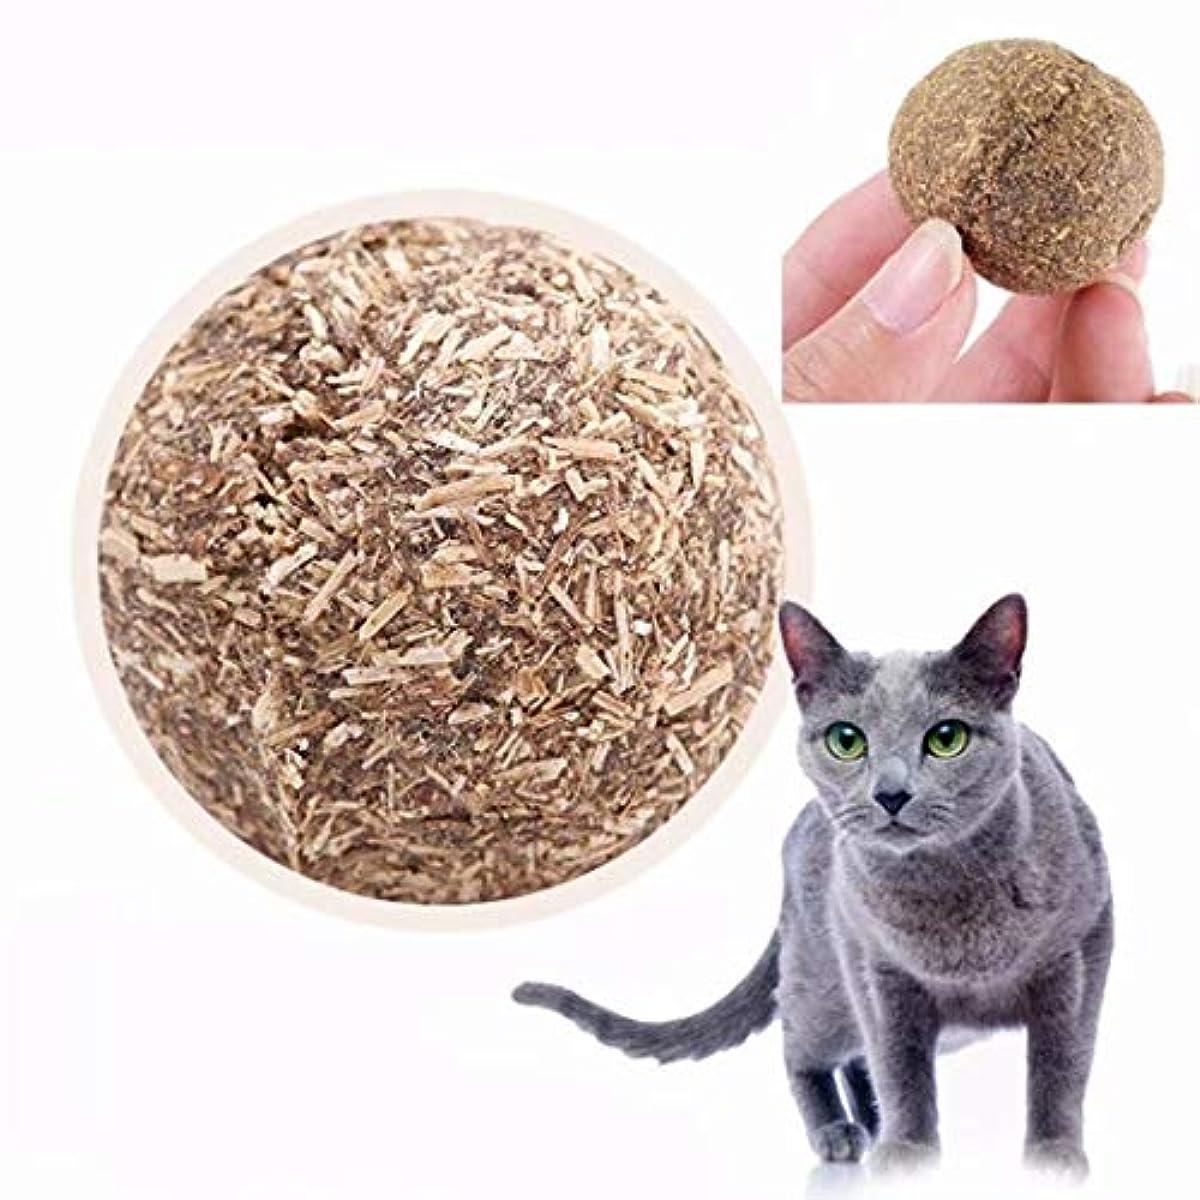 交差点換気おもちゃ七里の香 猫ミントボール 歯ぎしり?噛むおもちゃ 猫ストレス解消グッズ